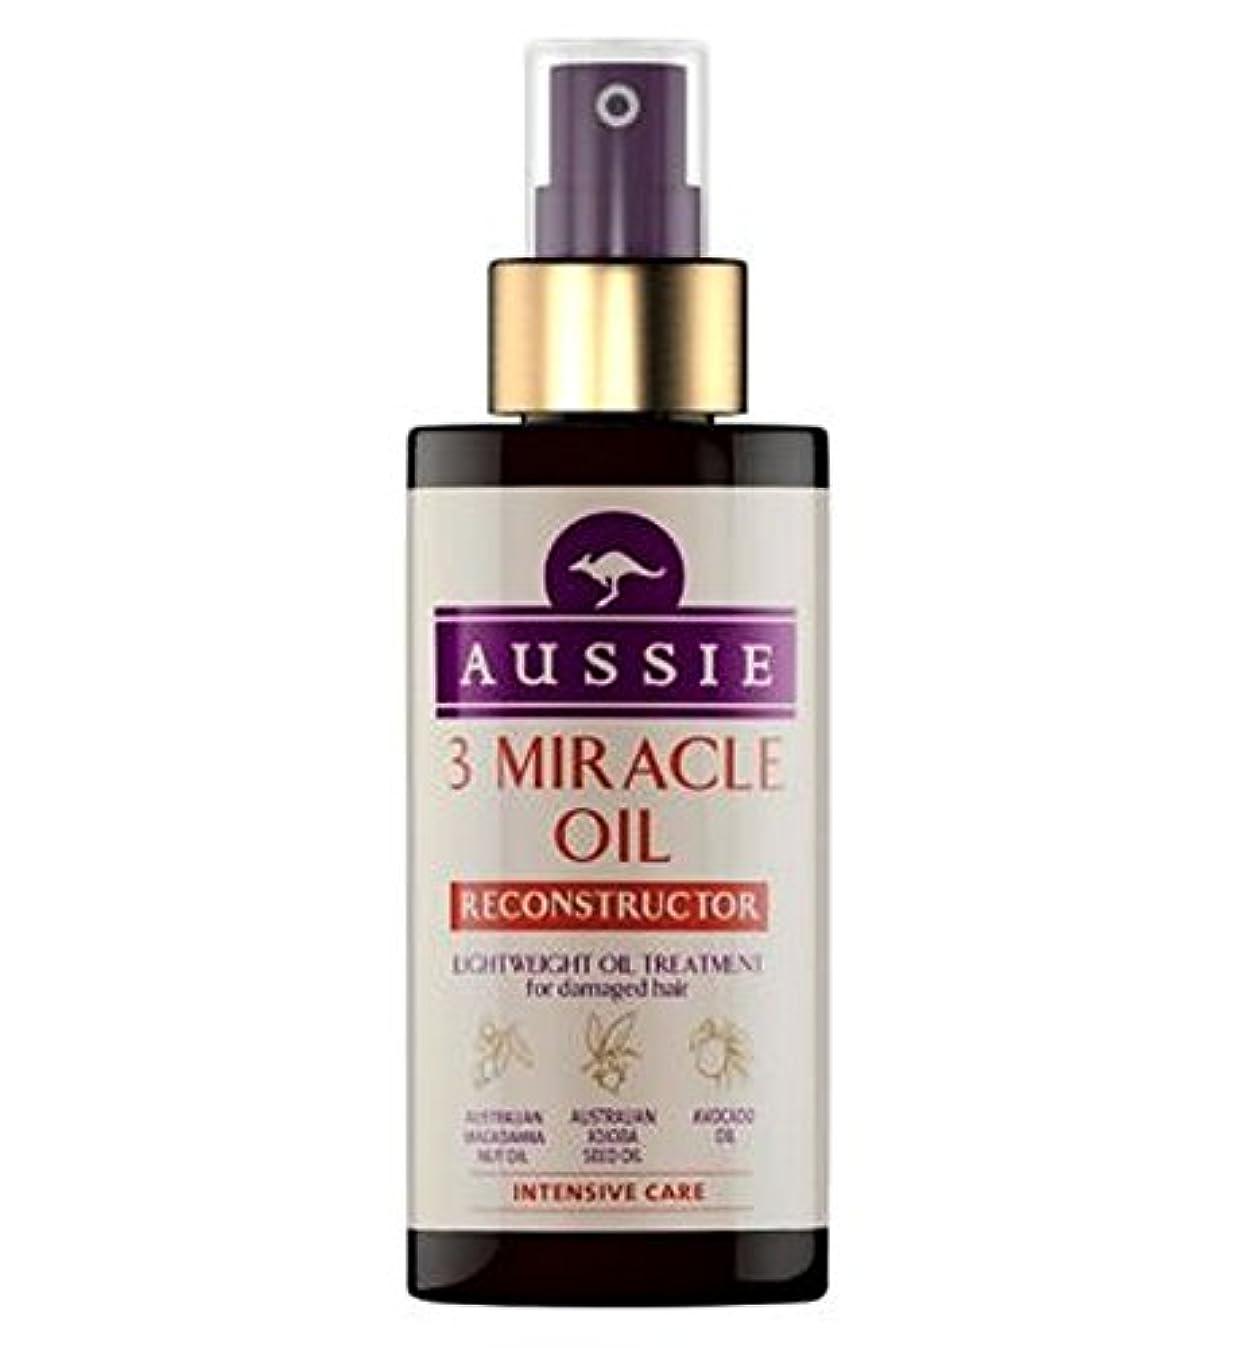 世代批評微視的Aussie 3 Miracle Oil Reconstructor for Damaged Hair 100ml - 傷んだ髪の100ミリリットルのためのオージー3奇跡のオイル再構成 (Aussie) [並行輸入品]